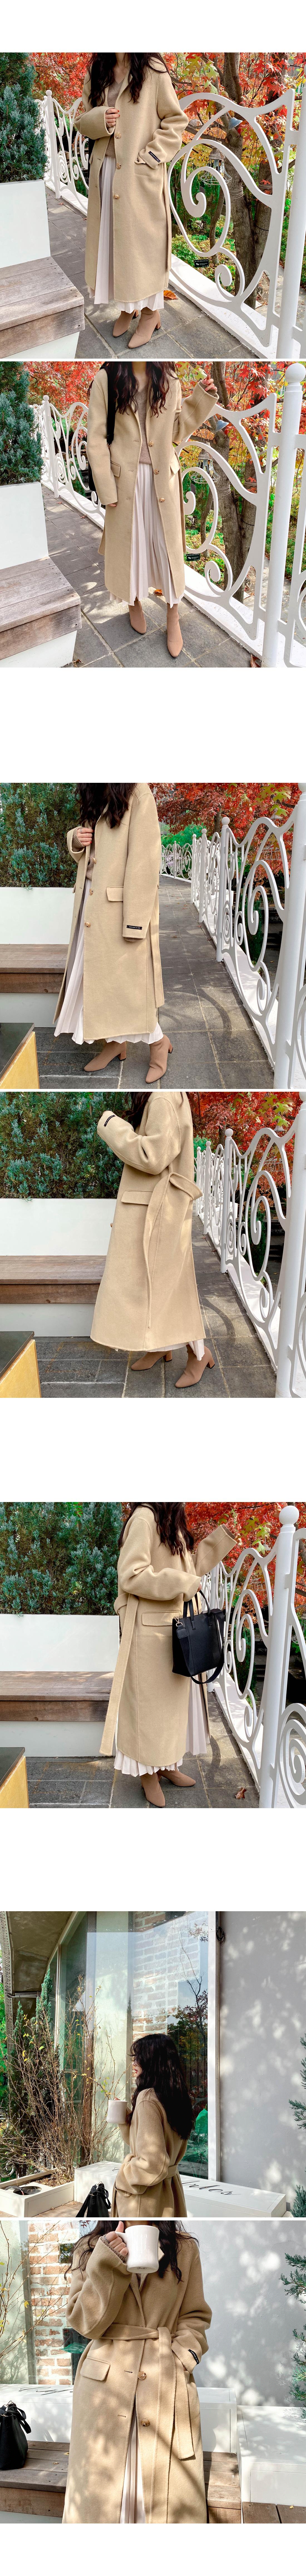 Bernie Handmade Long Coat